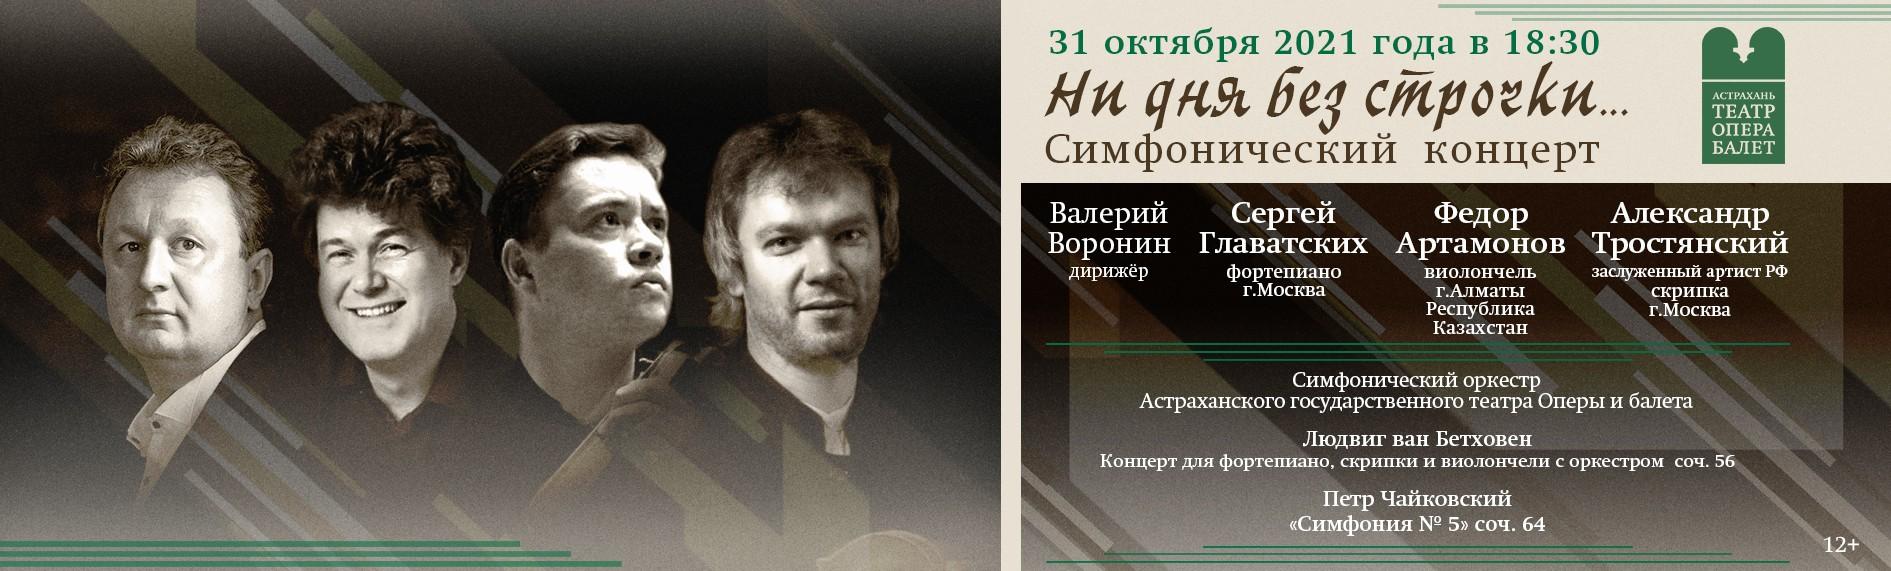 Симфонический концерт «Ни дня без строчки...»